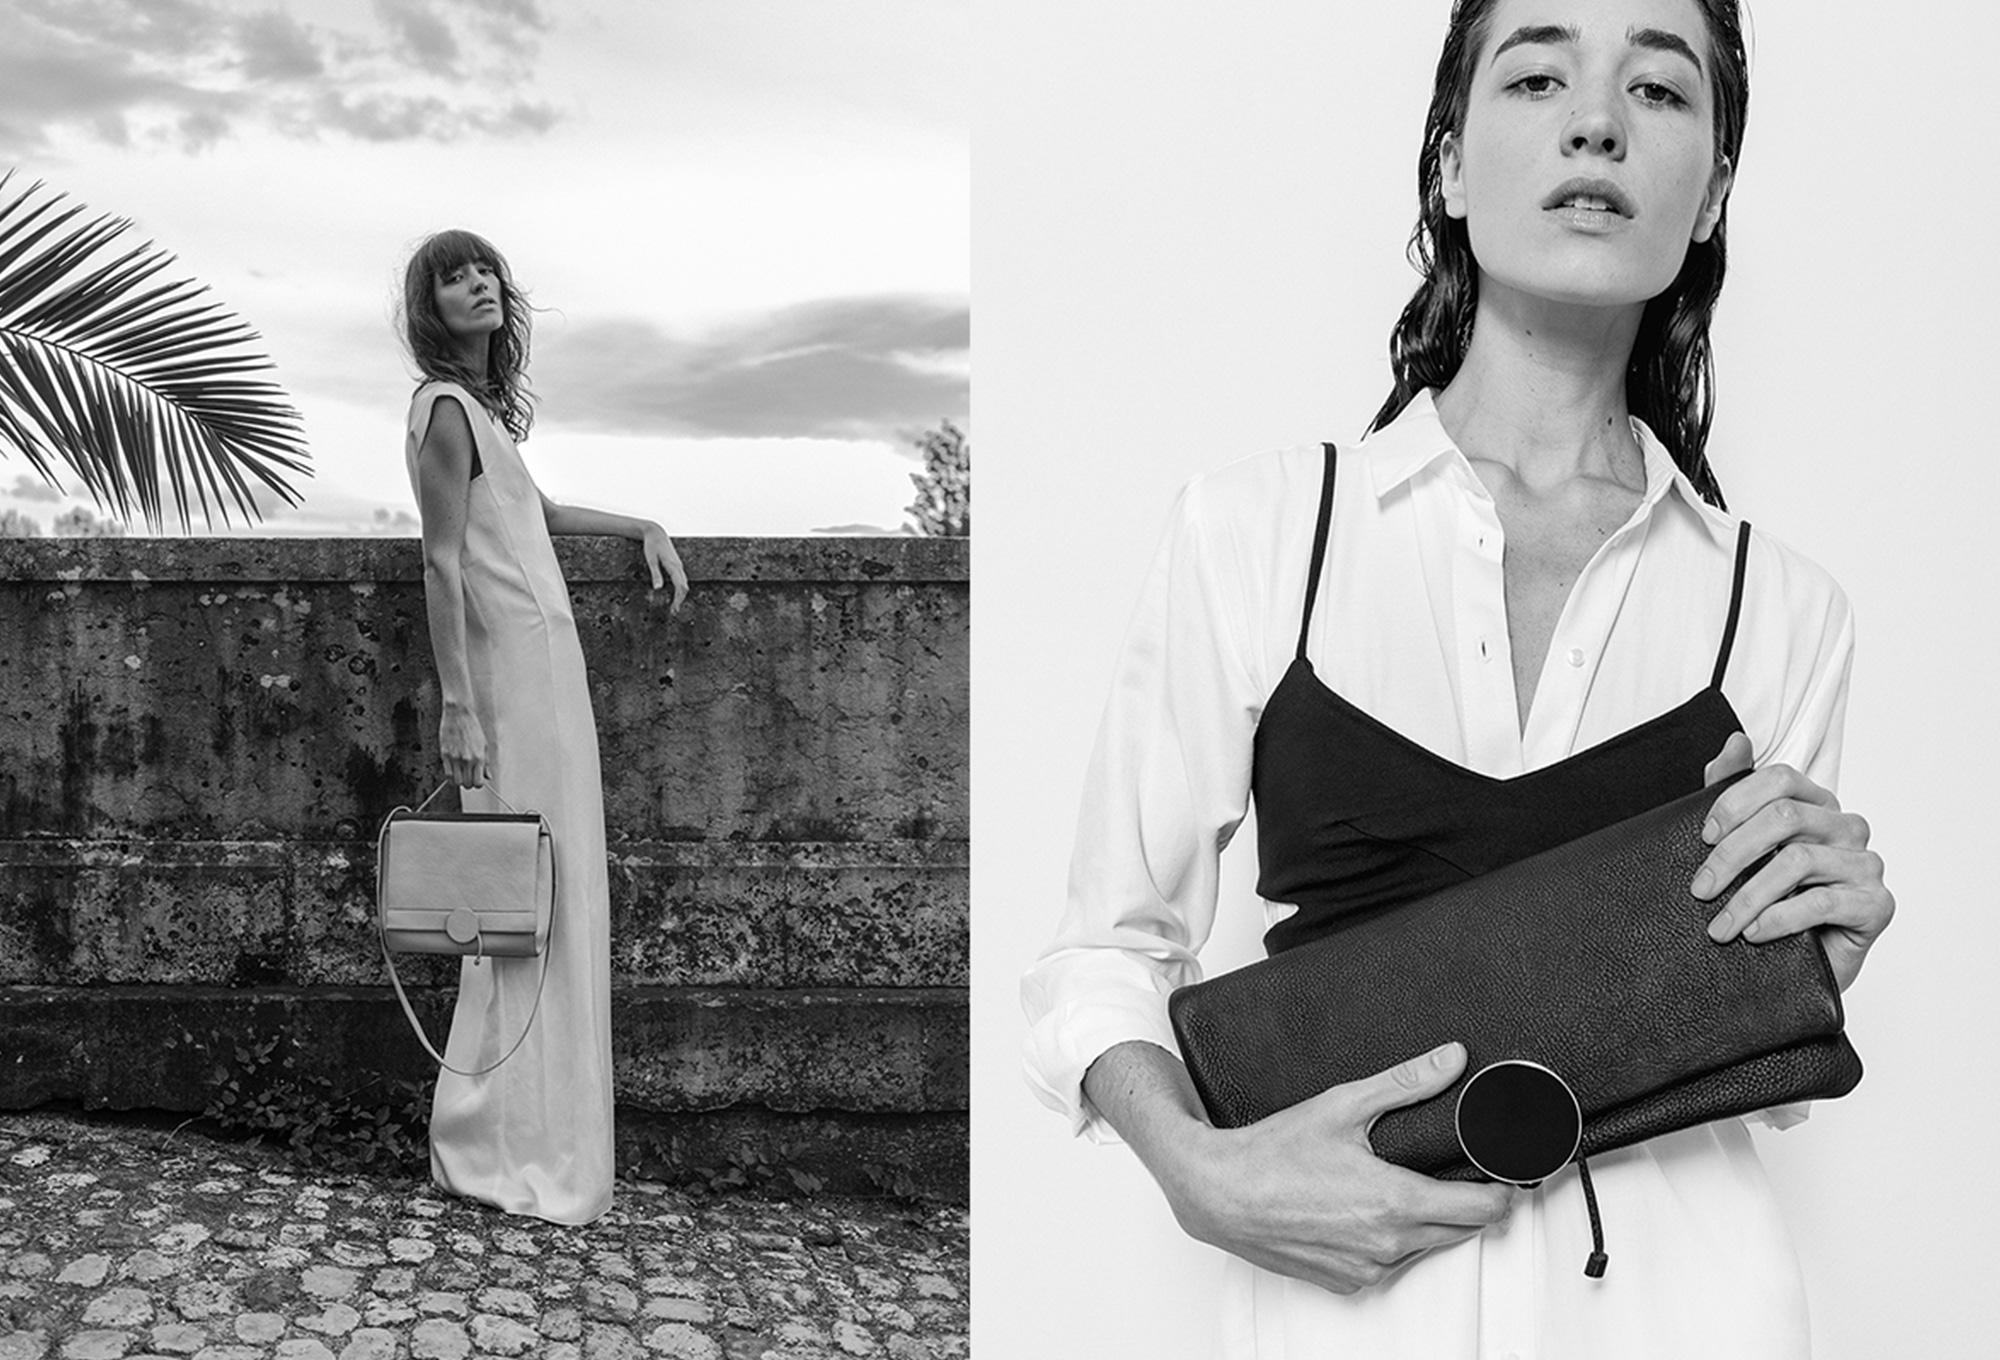 Ausgewählte nachhaltige Mode gibt es im Onlineshop the wearness